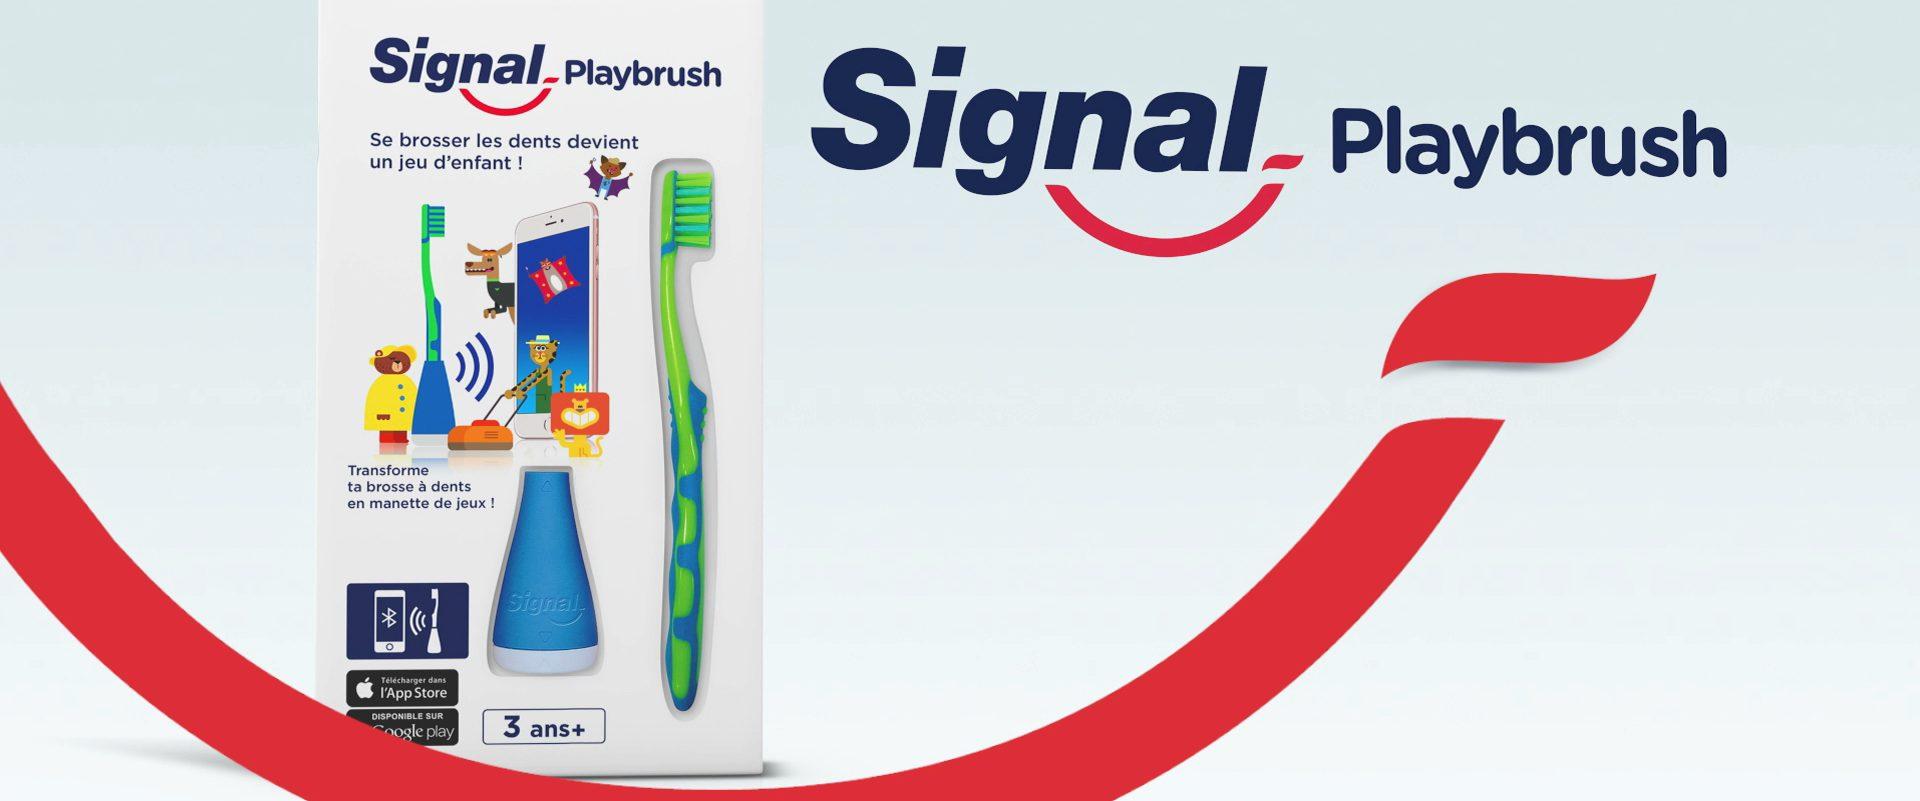 Playbrush02